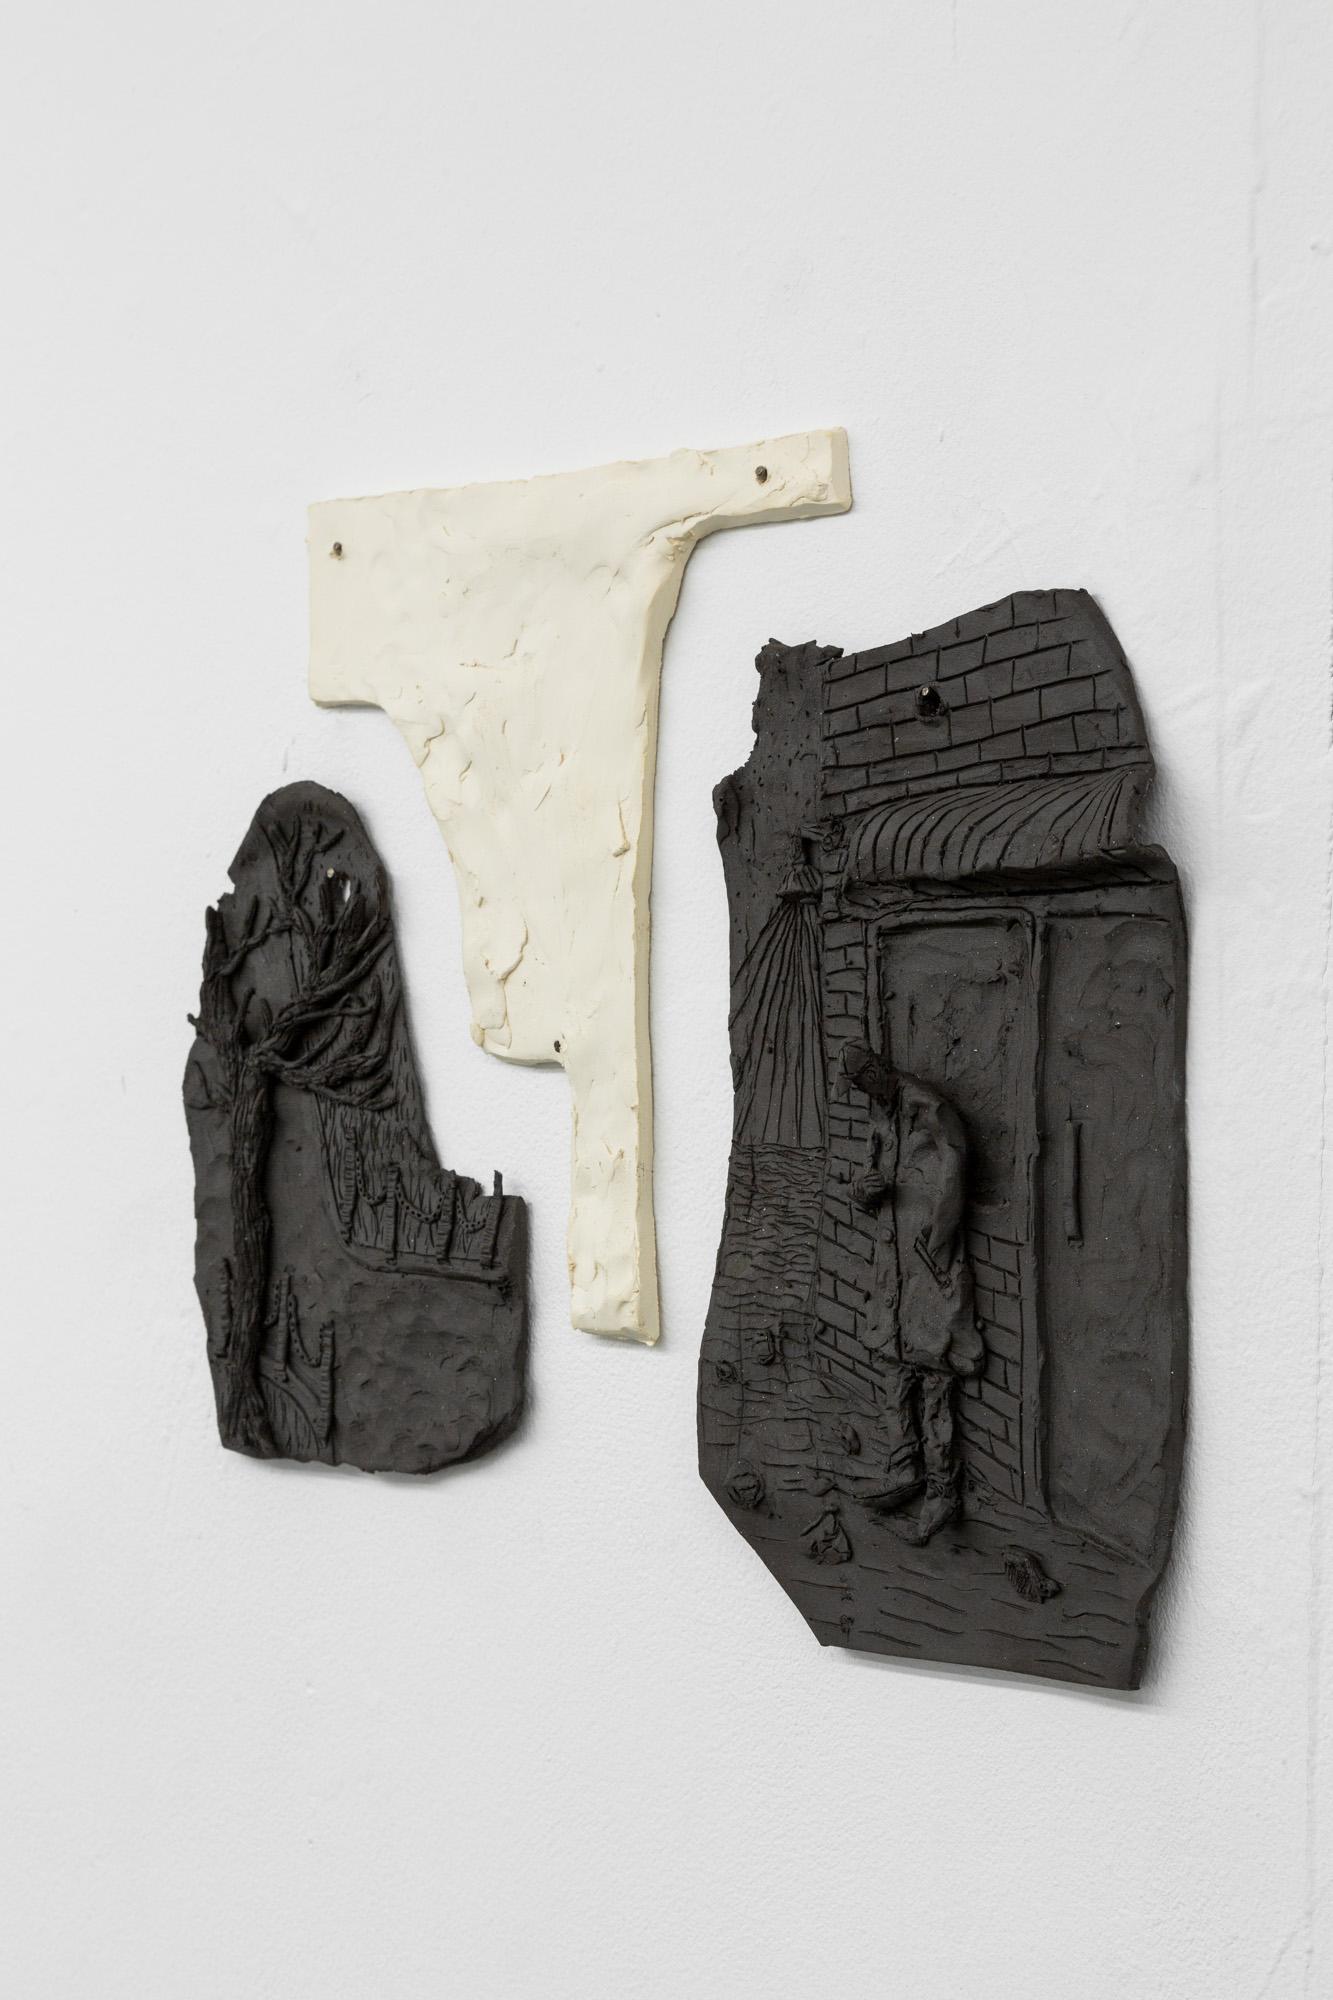 Tom Forkin, ST7 (detail),  2017,unglazed ceramic,13 x 16 x 1.5 in